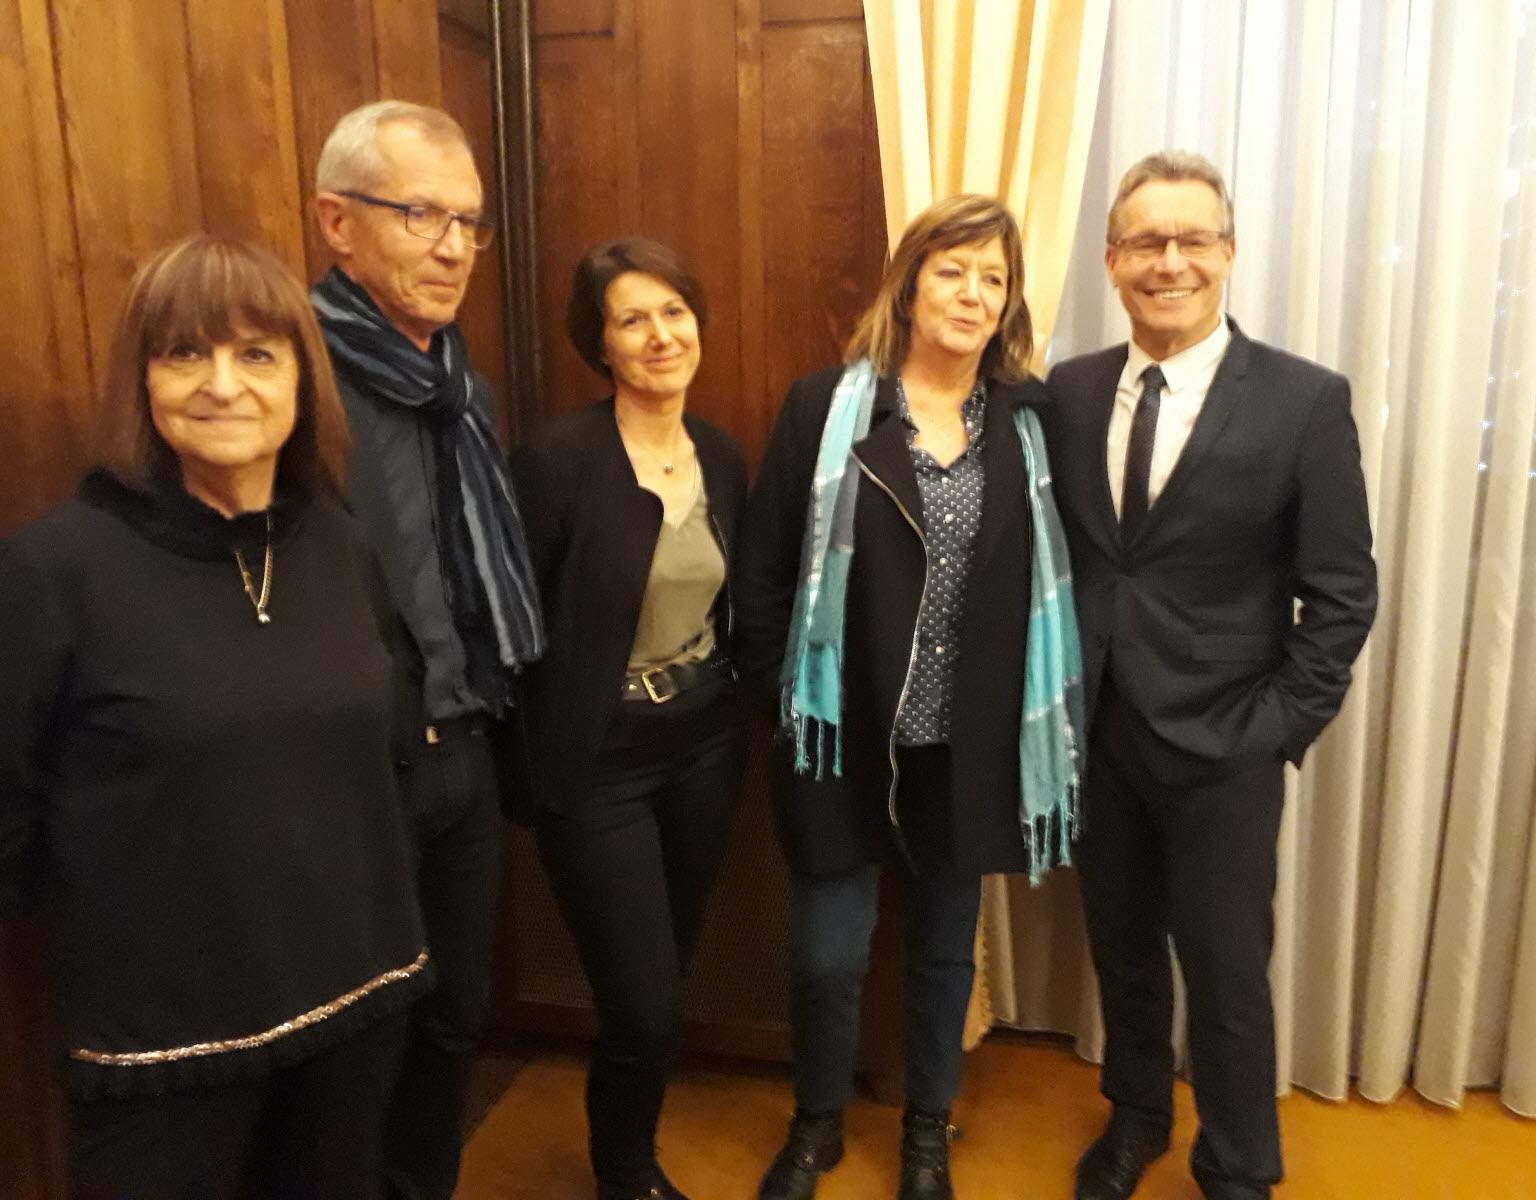 Les enseignants invités par la municipalité